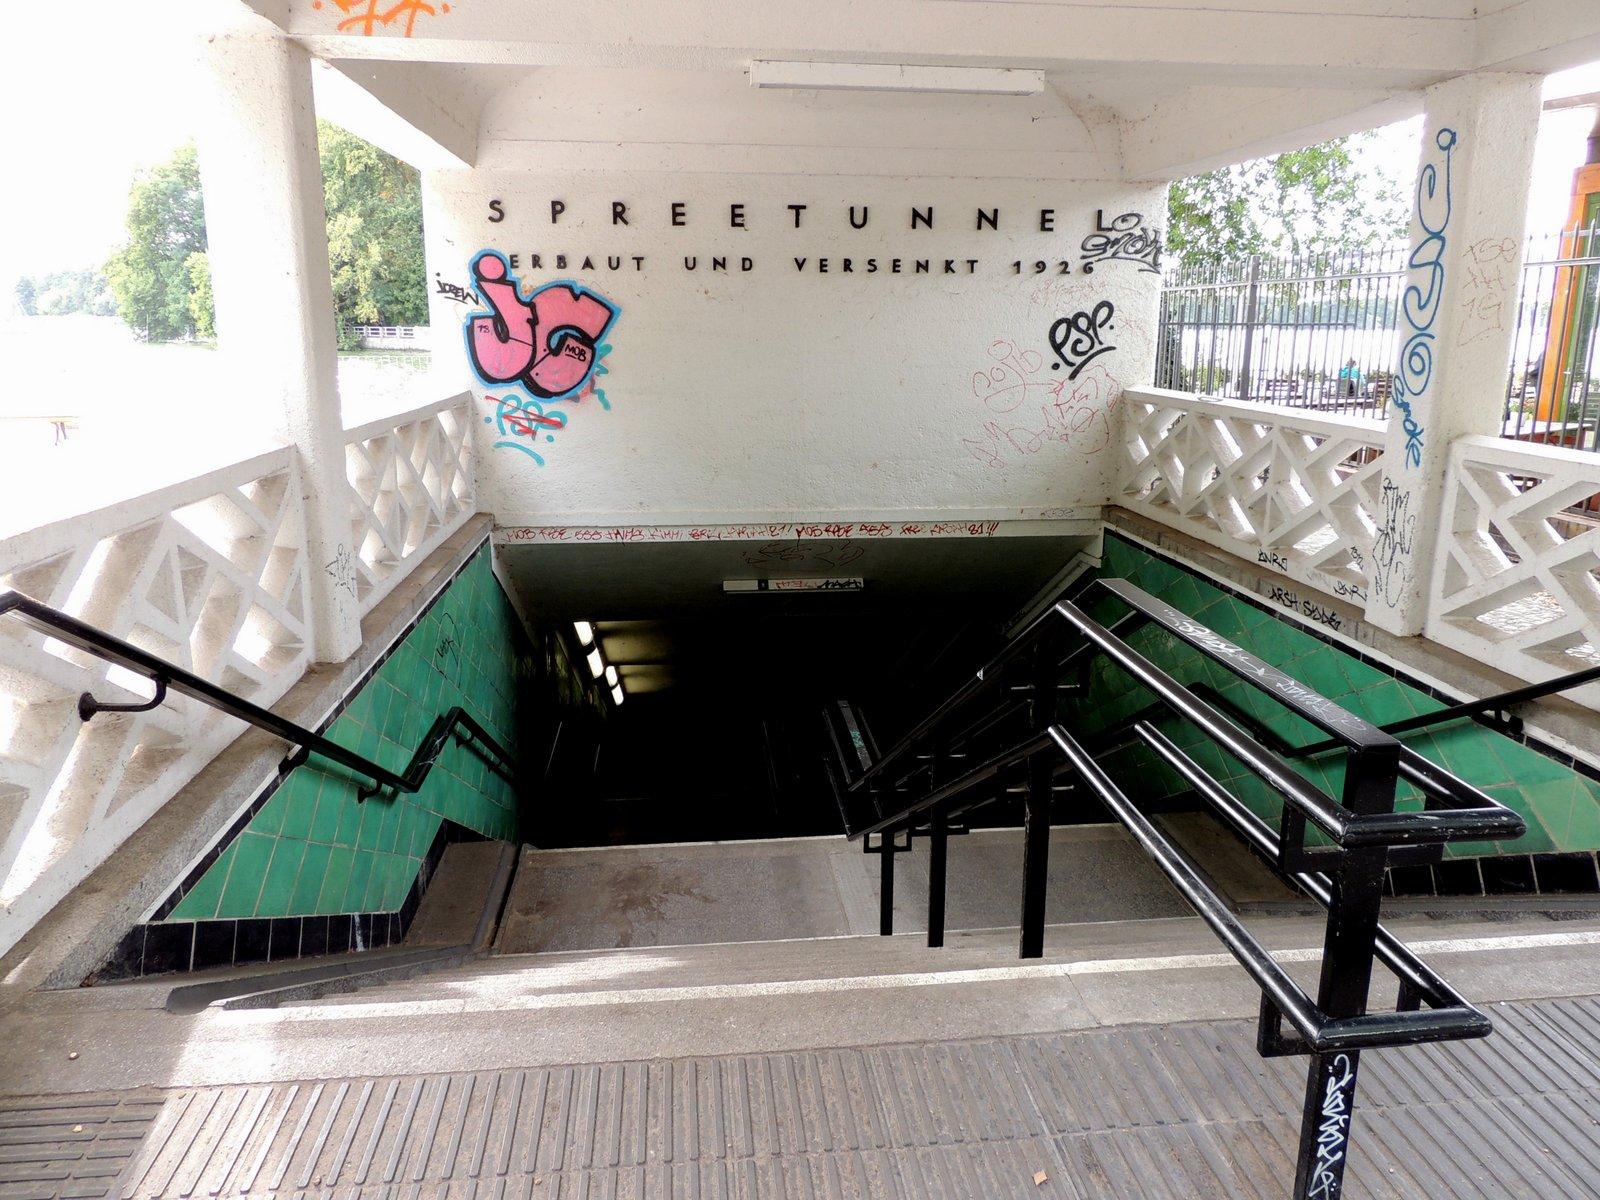 Spreetunnel Berlin